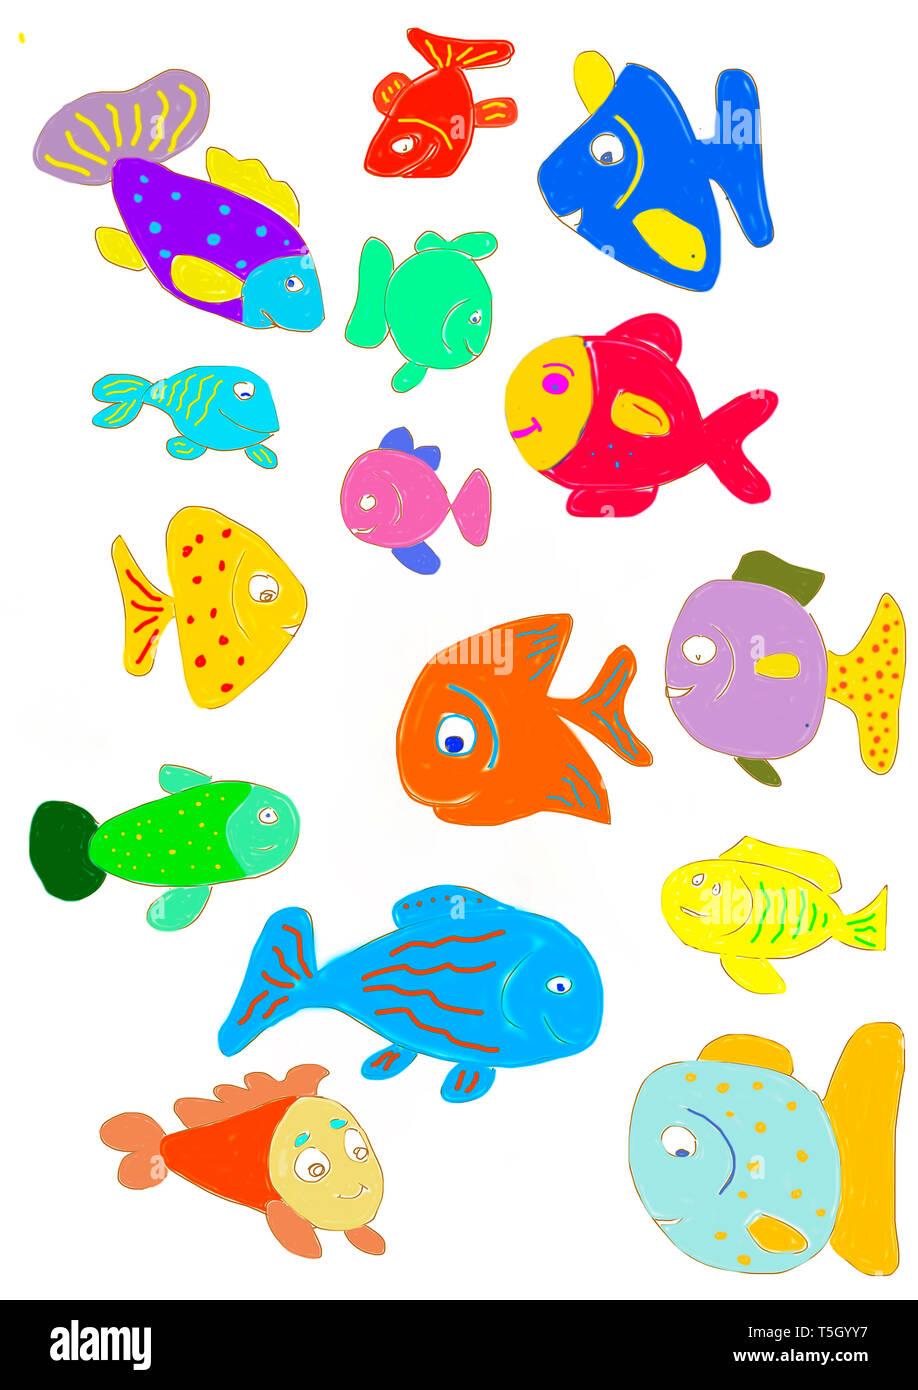 Fische Zum Ausdrucken Bunt Fische Zum Ausmalen Und